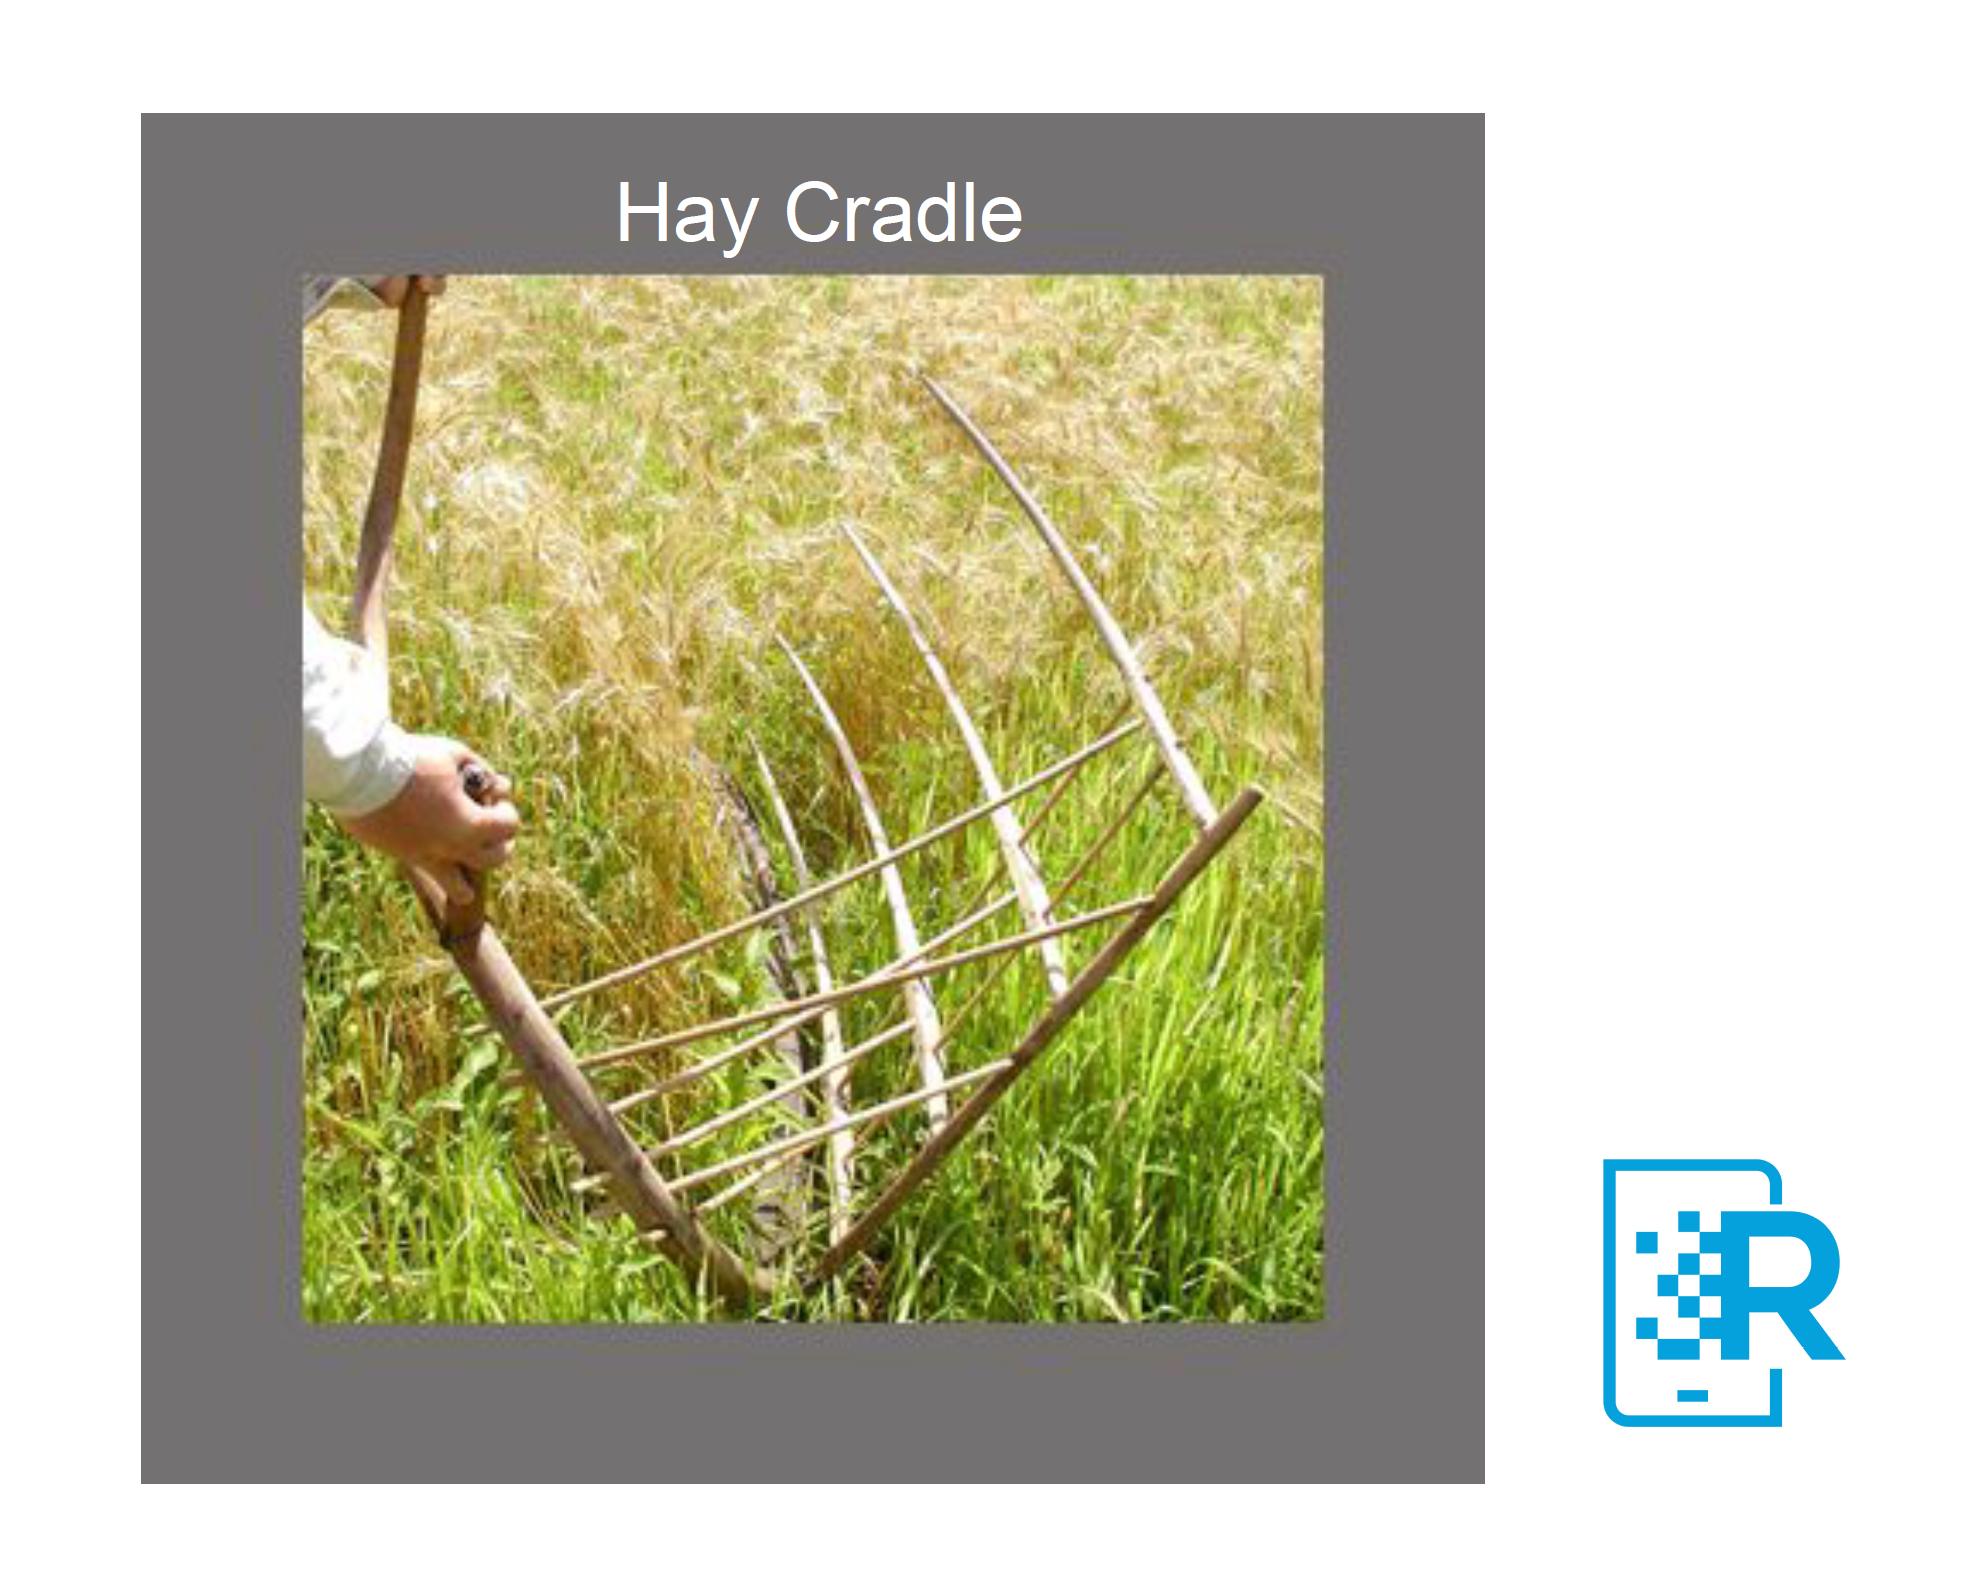 Hay Cradle